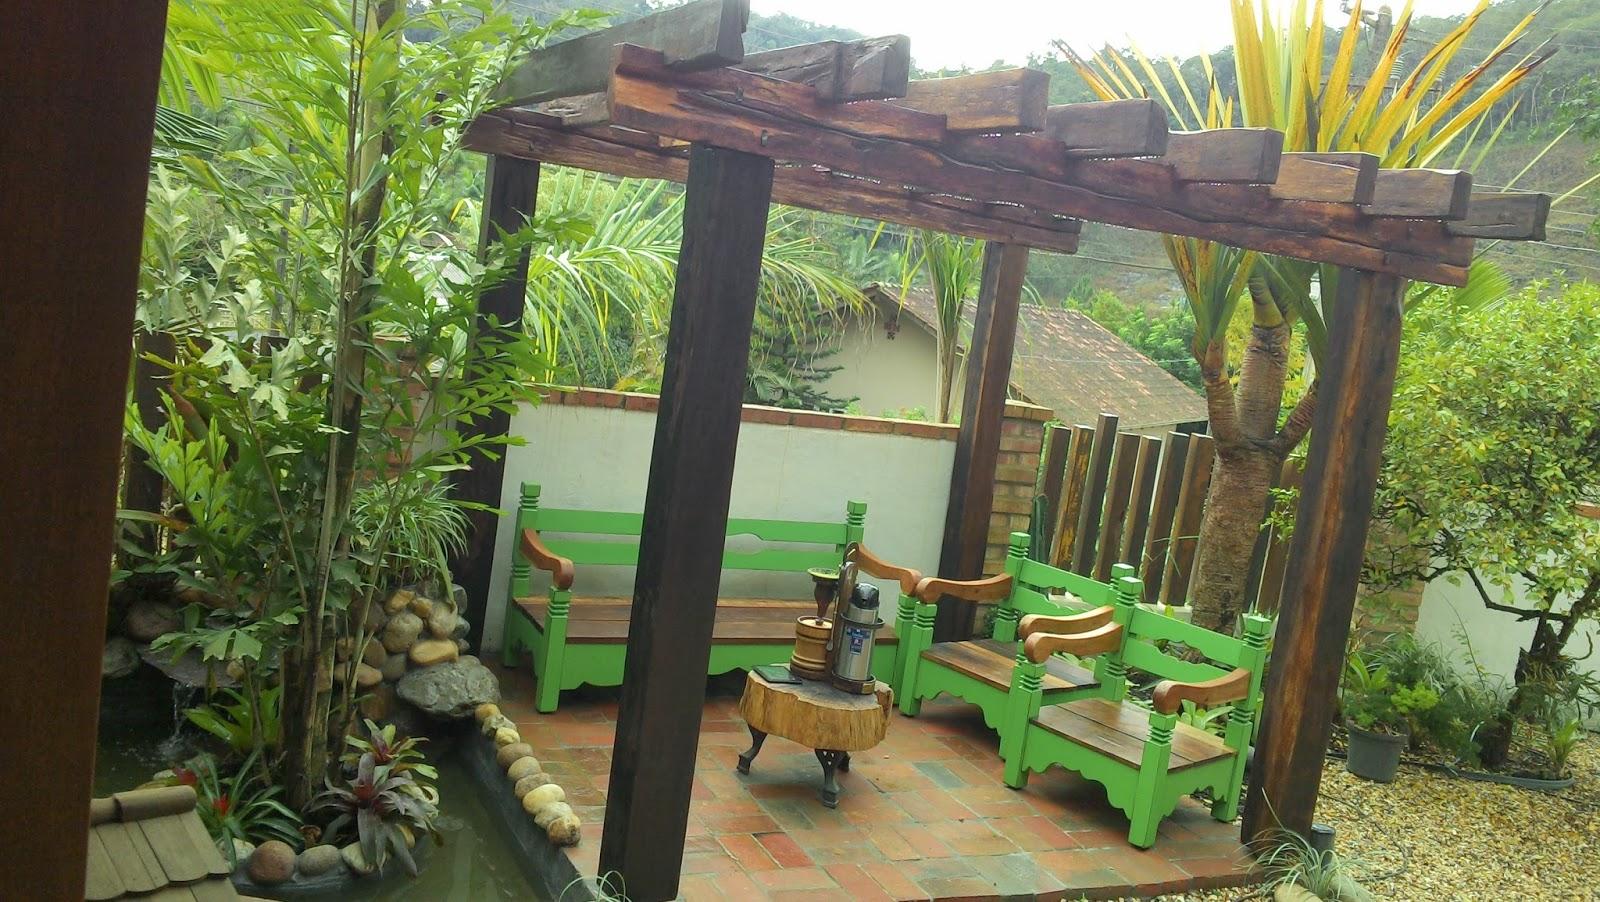 Pergolado bancos e lago elaborados para cada tipo de jardim deixando  #739734 1600x902